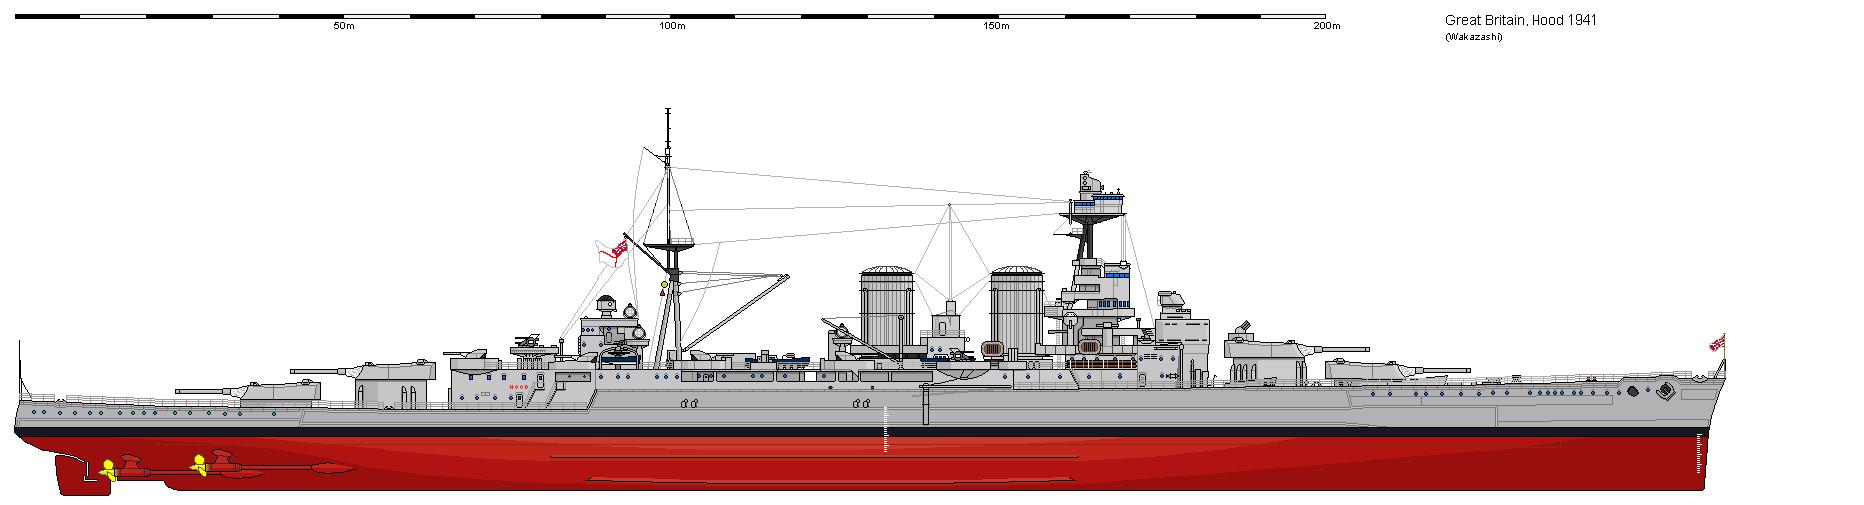 HMS Hood  Heller au 1/400 - Page 2 HMSHood1941-1